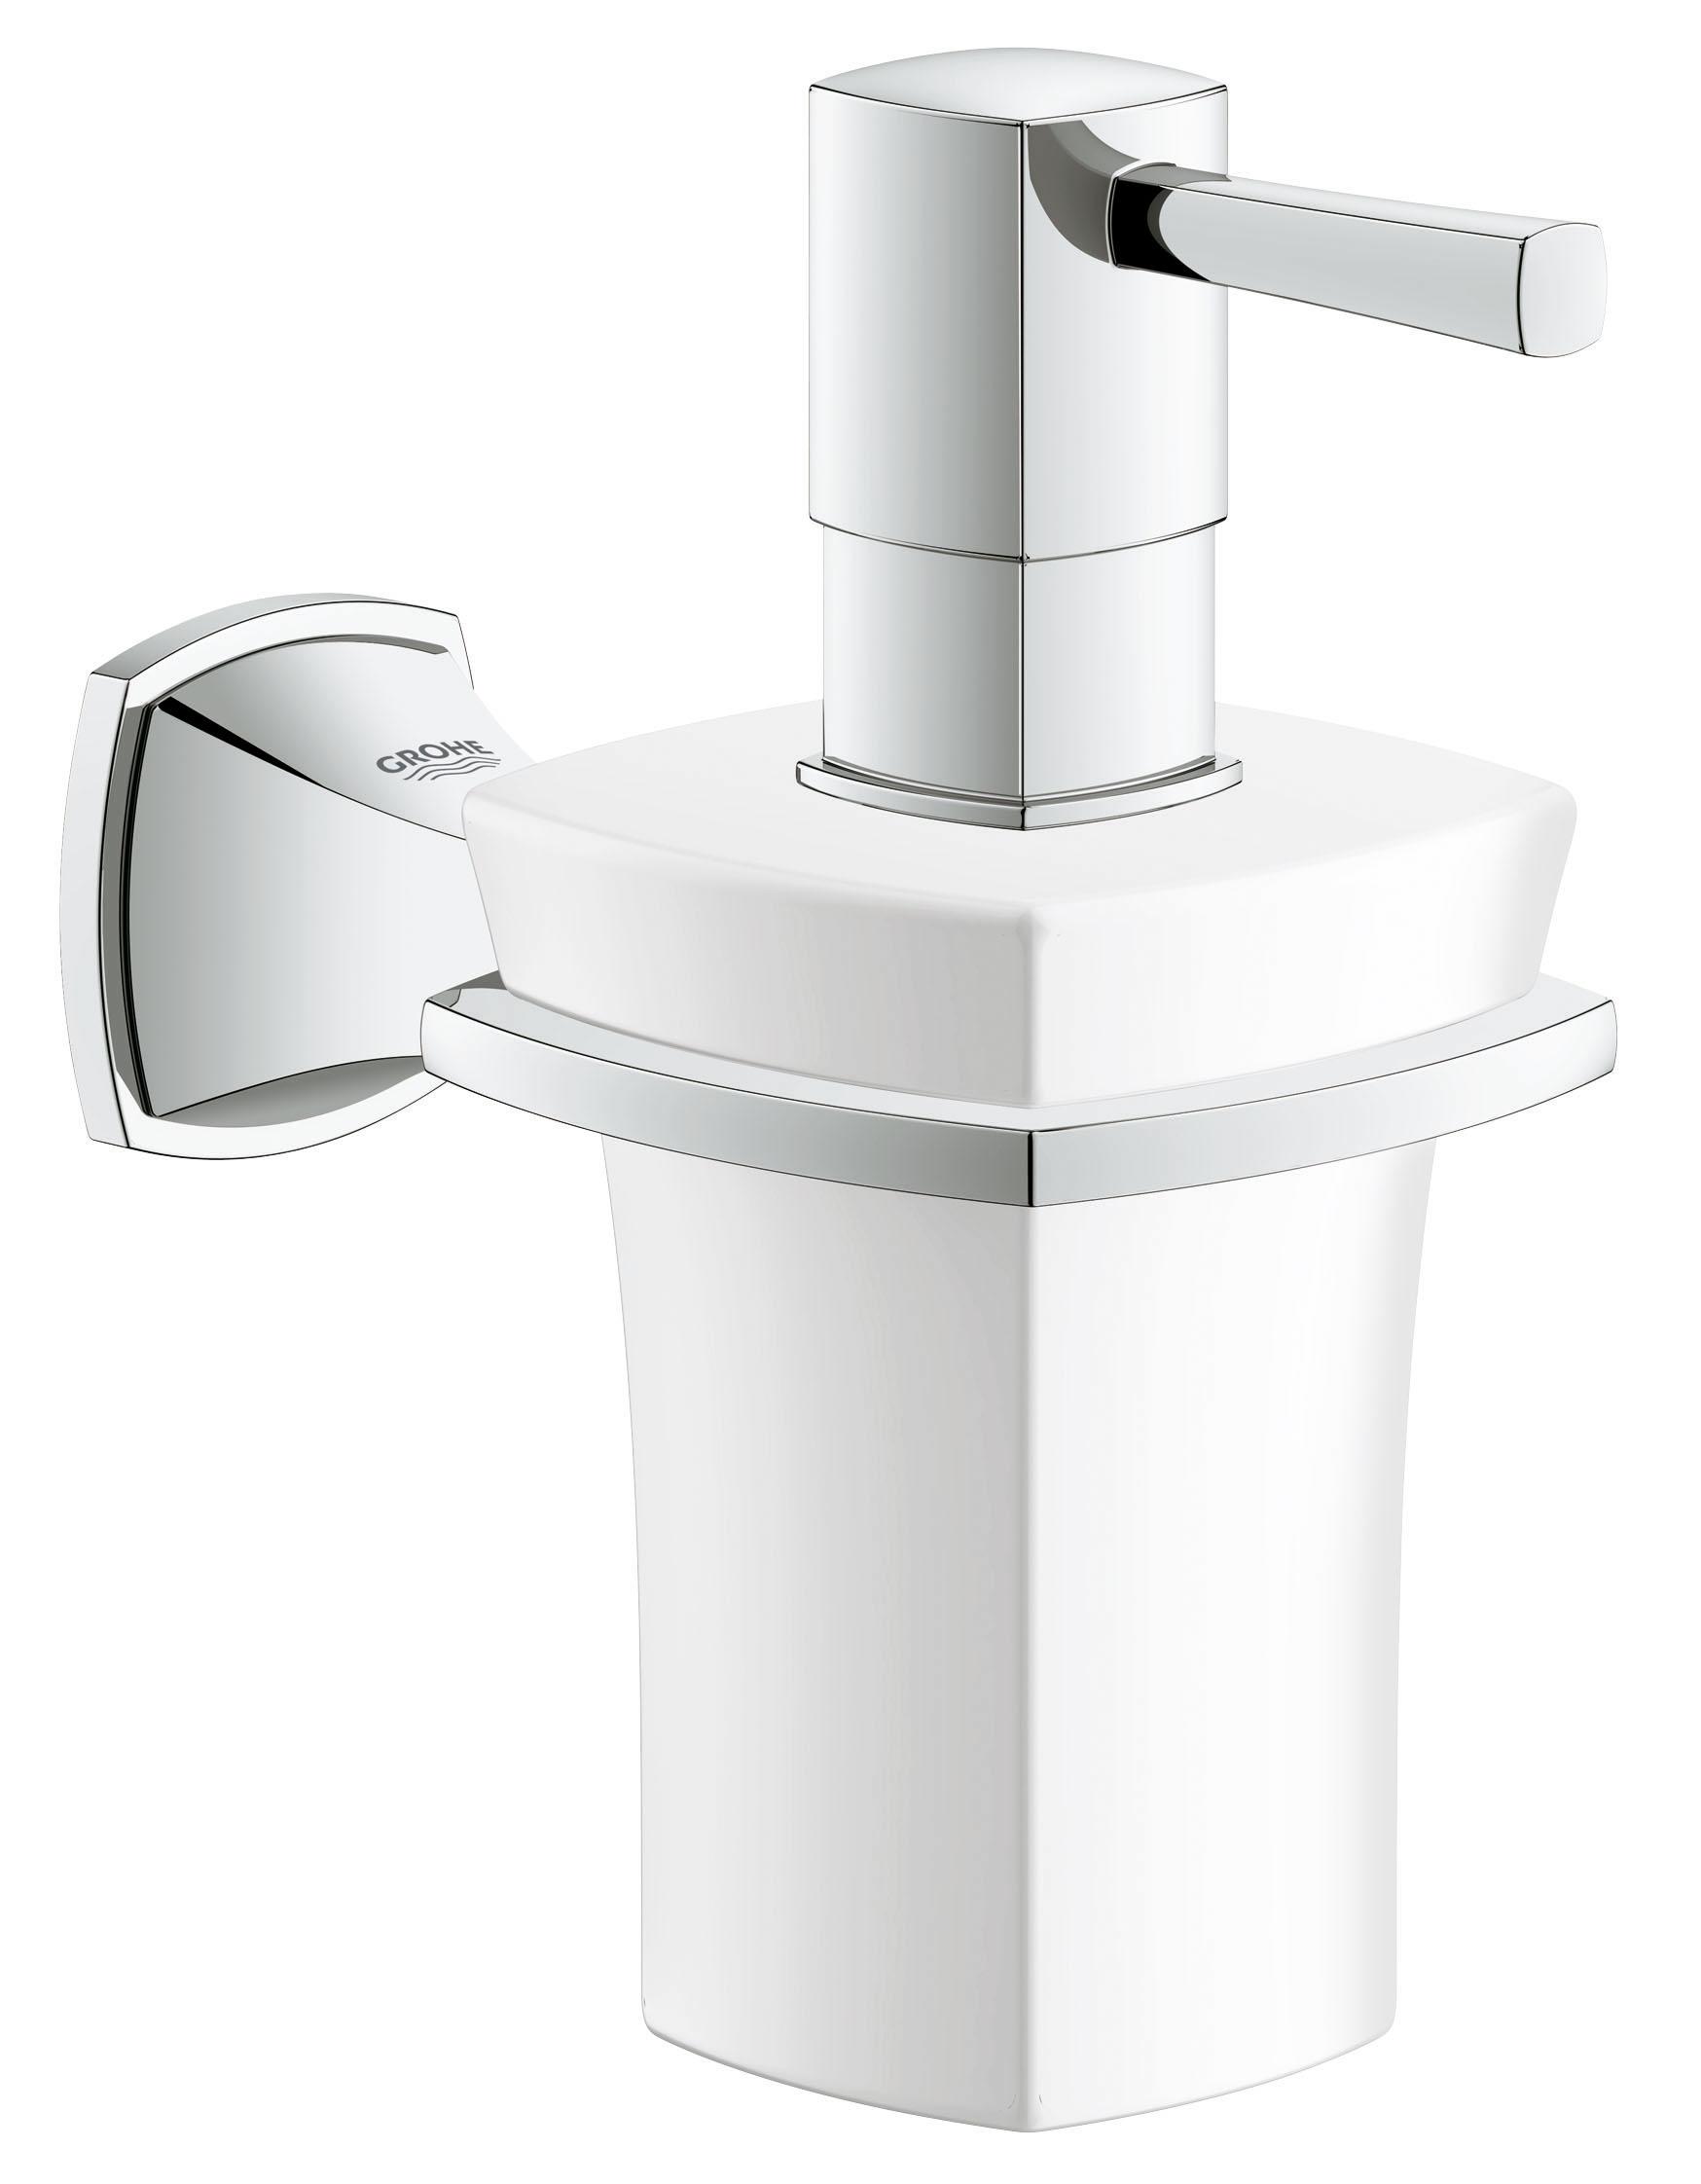 Дозатор для жидкого мыла Grohe Grandera 40627000 недорго, оригинальная цена